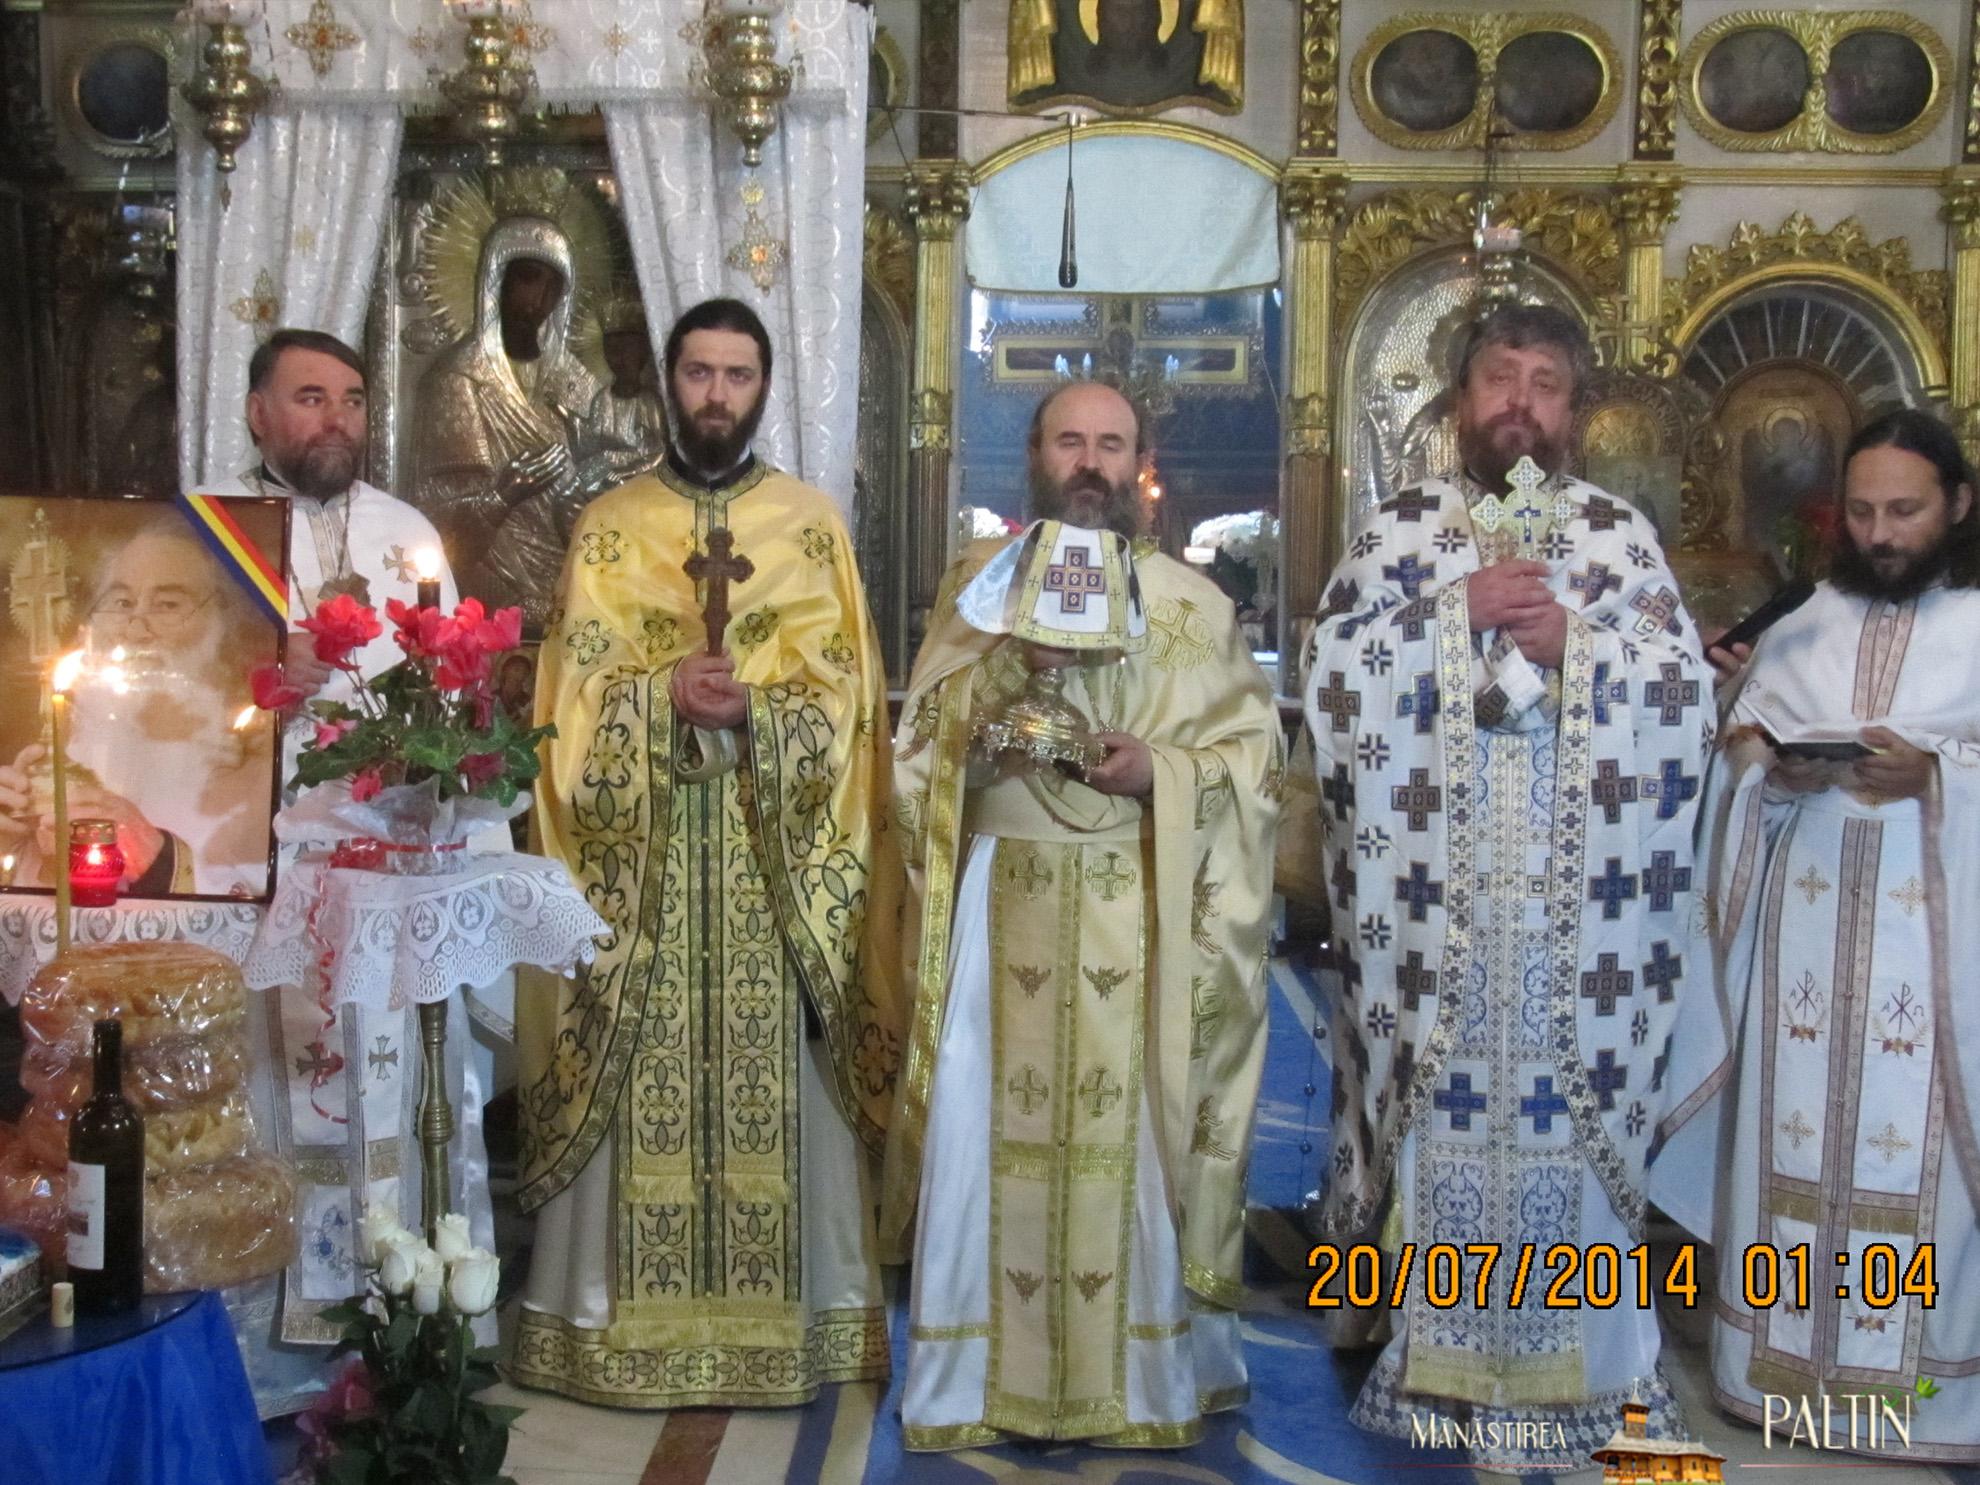 ceremonie_titlu_cetatean-de-onoare-Parintele-Justin-Piatra-Neamt 3